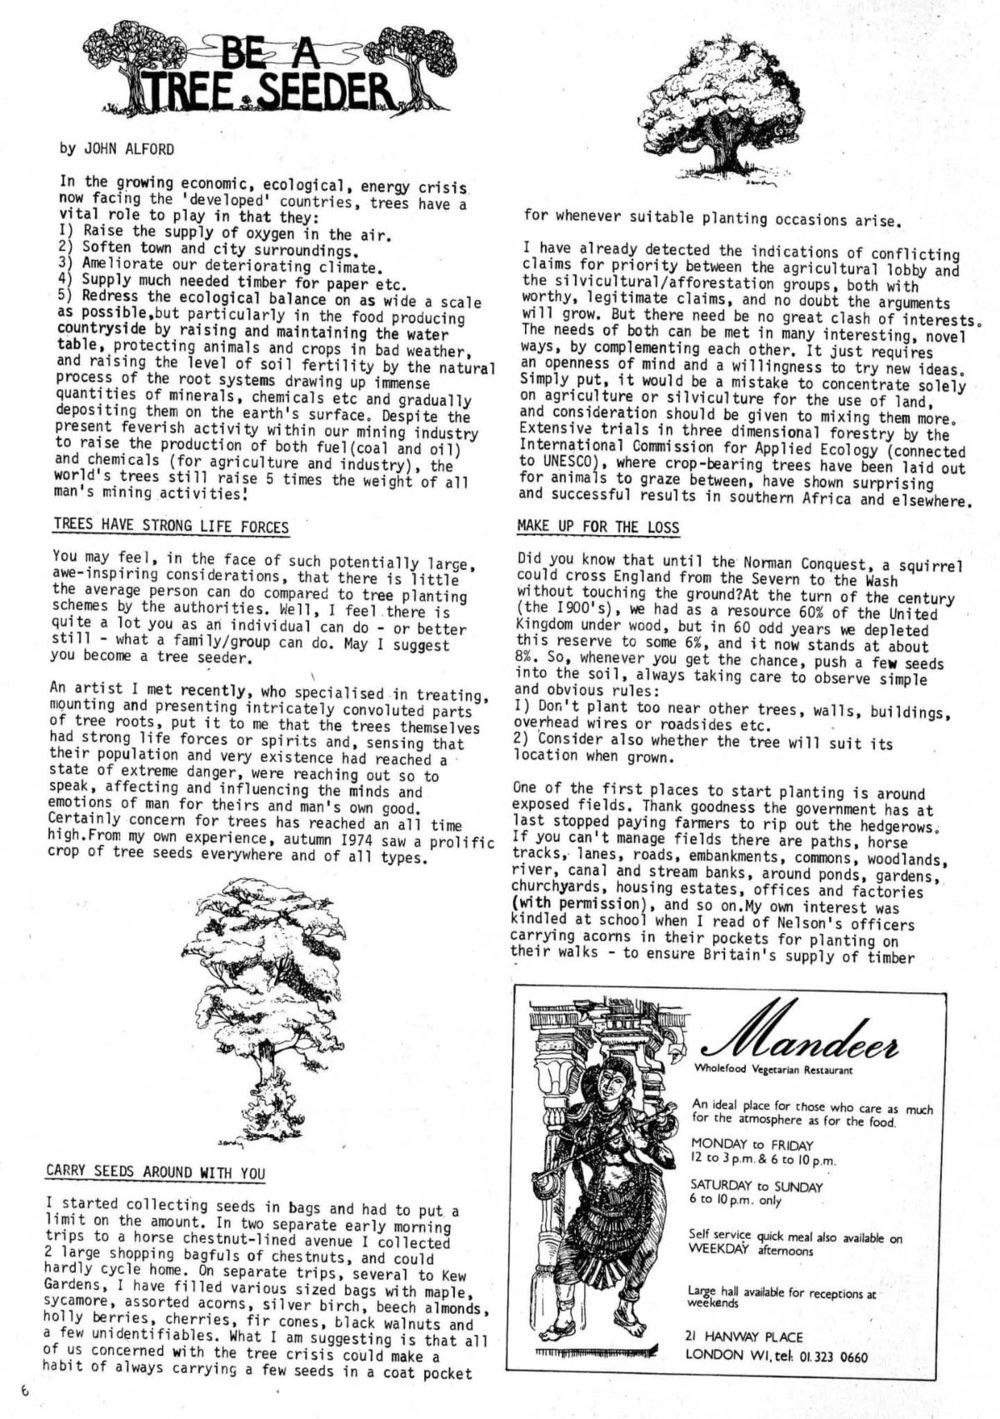 seed-v4-n2-feb1975-06.jpg